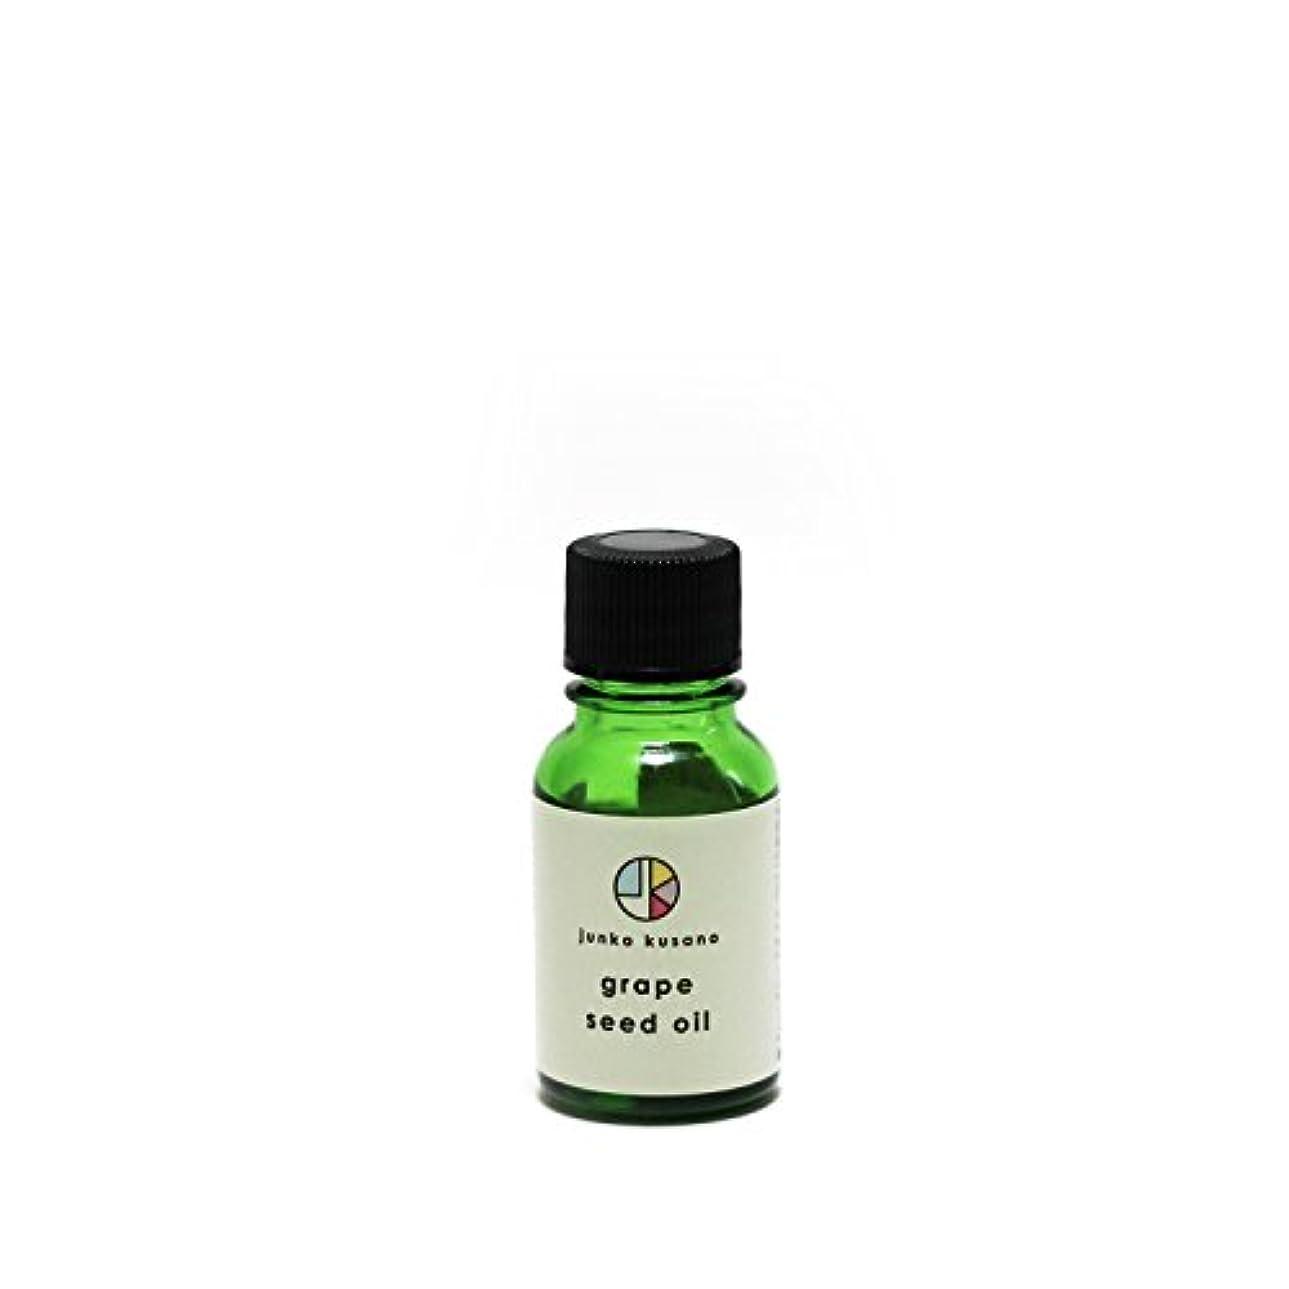 敗北処方するクロールjunko kusano grape seed oil mini グレープシードオイル ミニボトル10ml